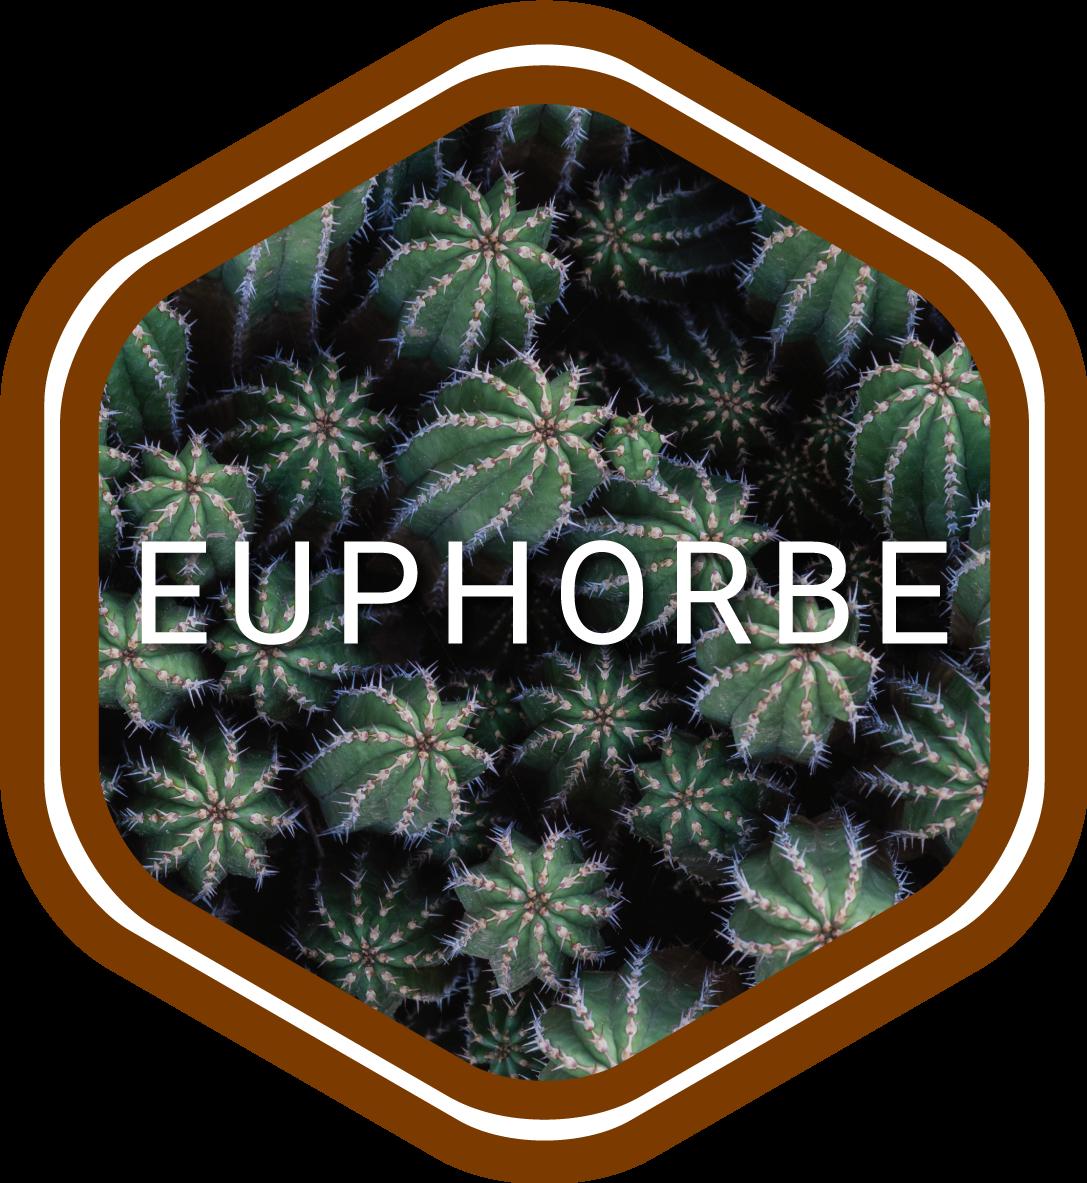 euphorbe-maroc